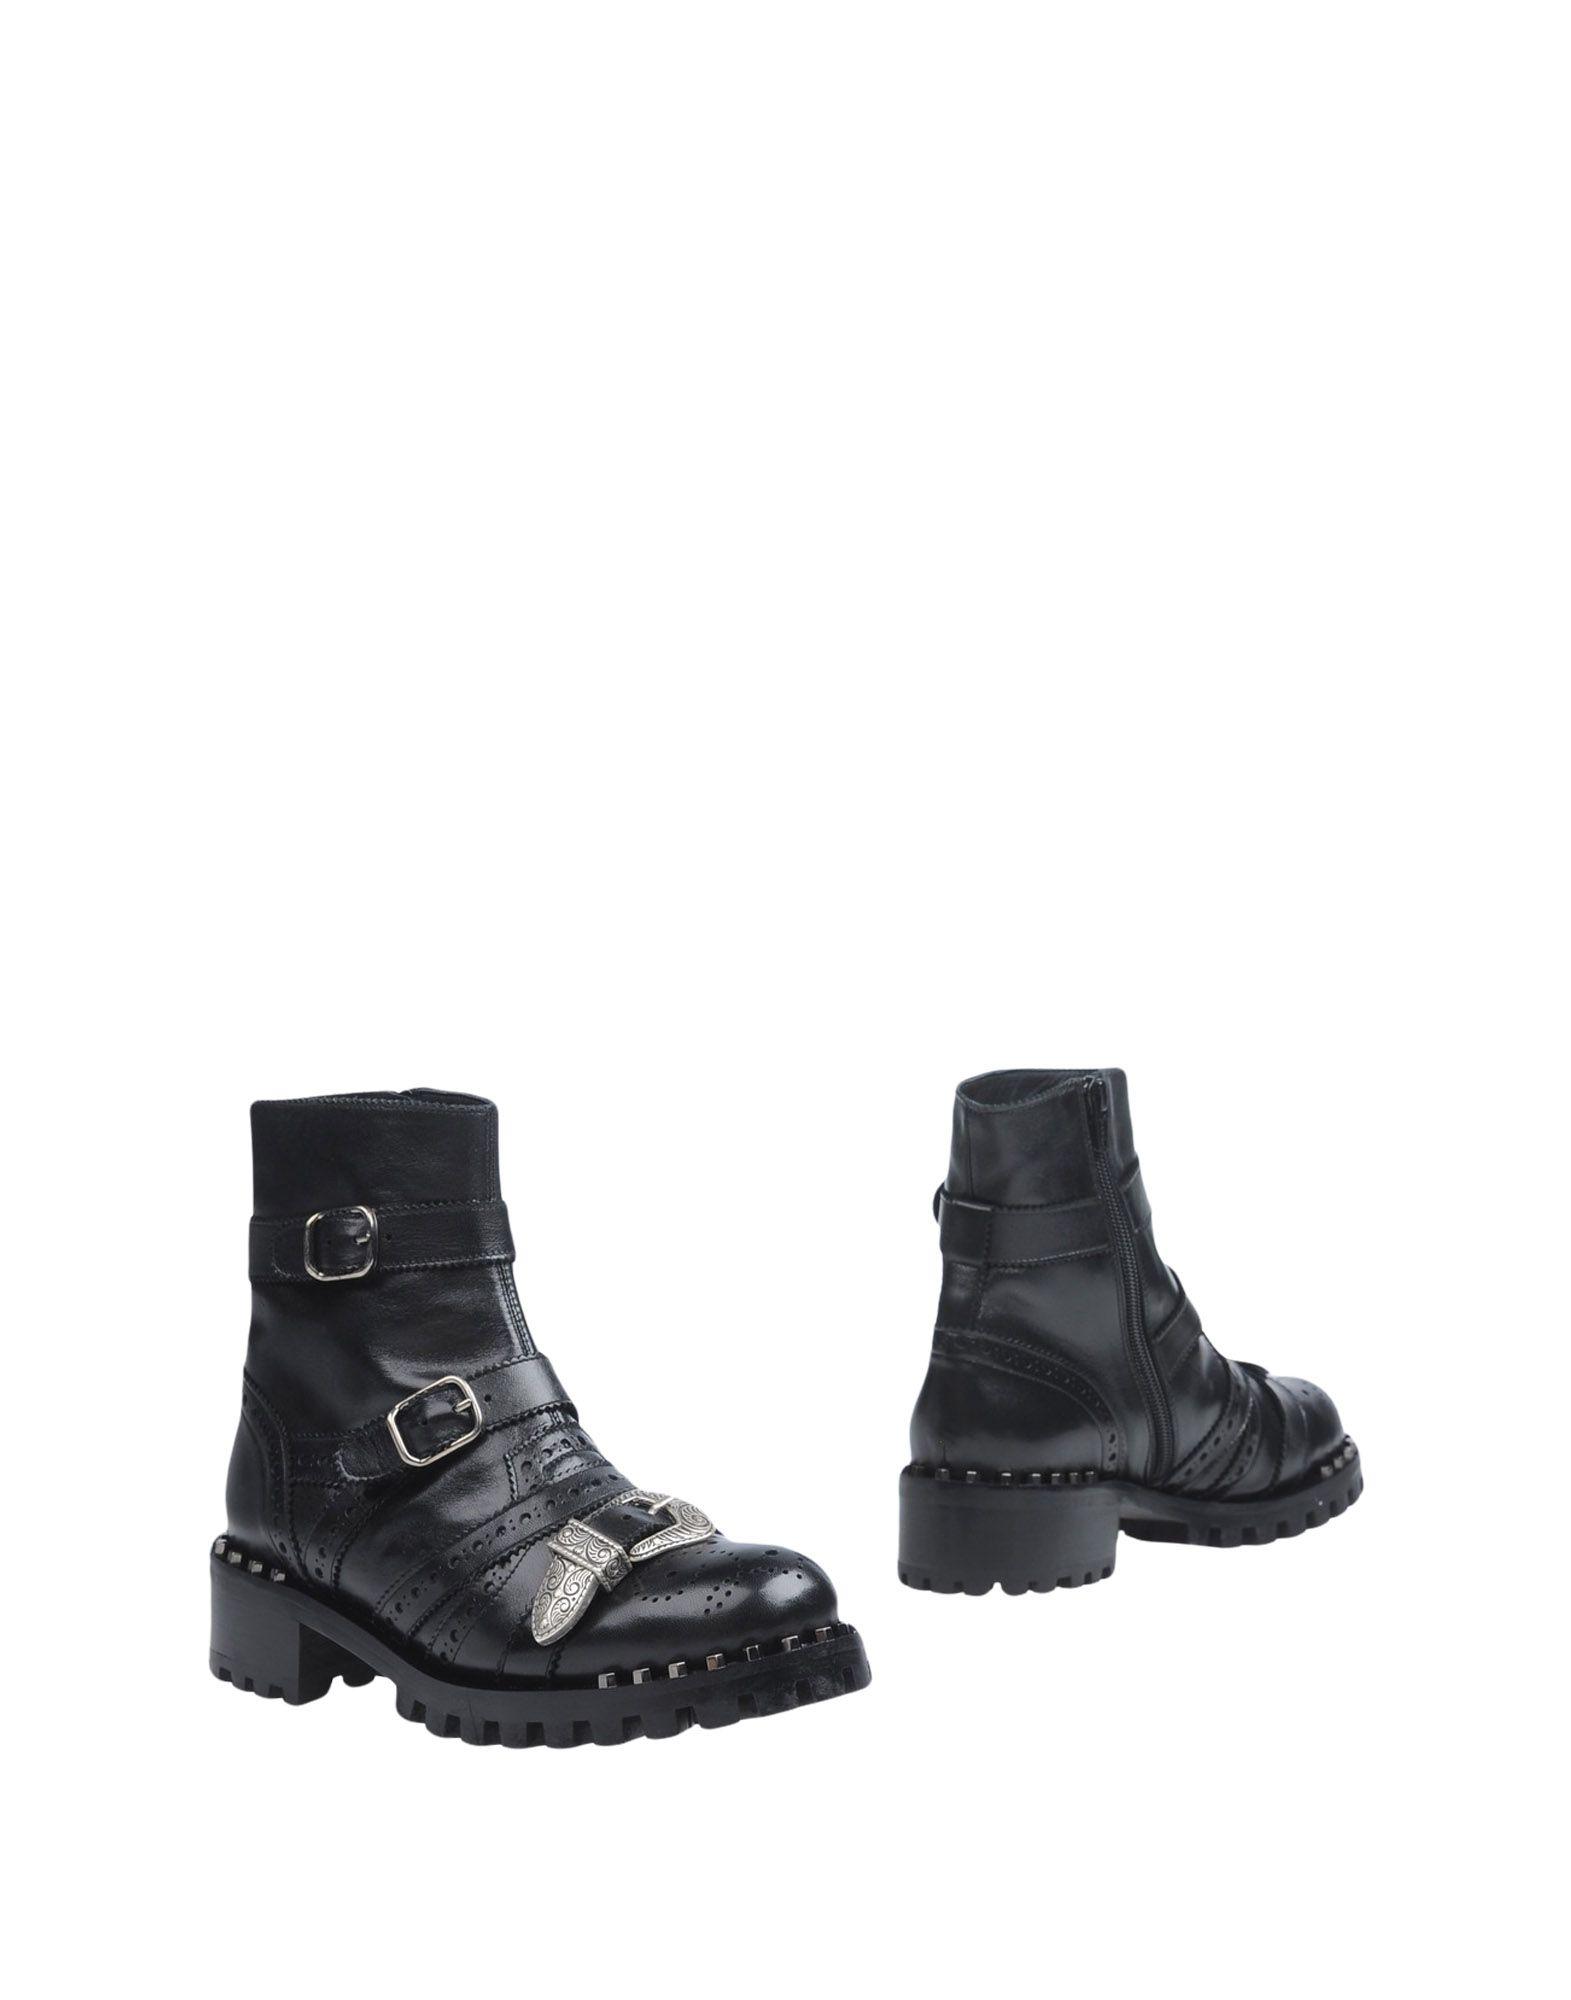 Ras Stiefelette Damen  11354877MSGut aussehende strapazierfähige Schuhe